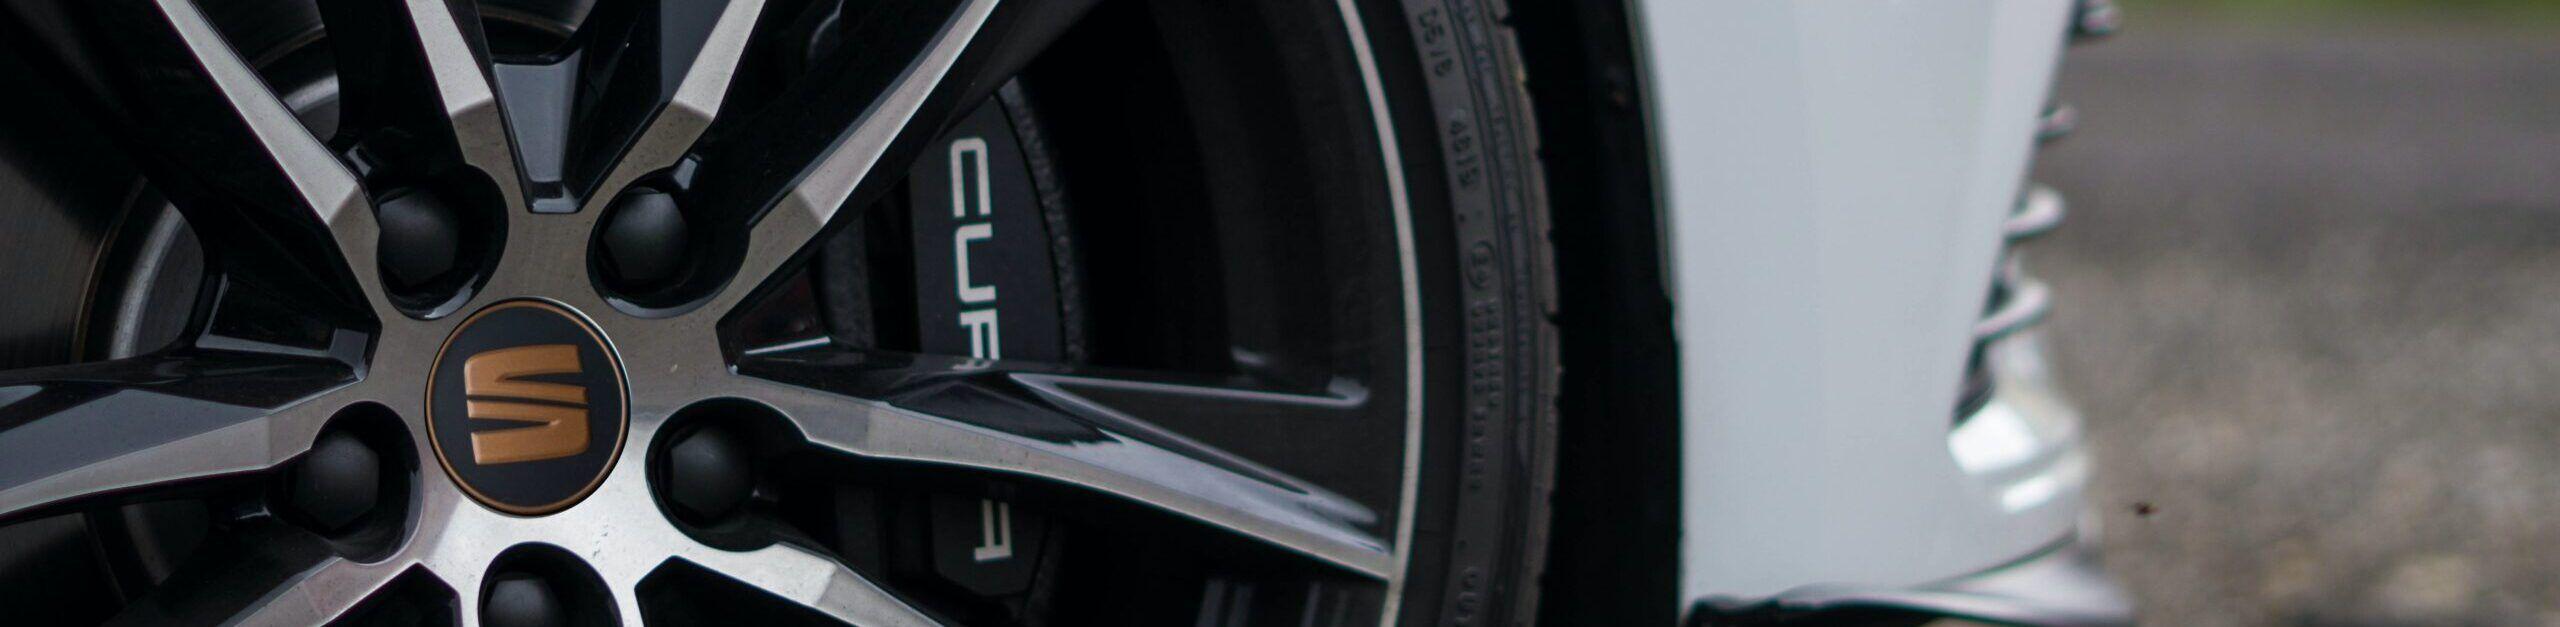 Cupra, la nueva marca de coches de SEAT